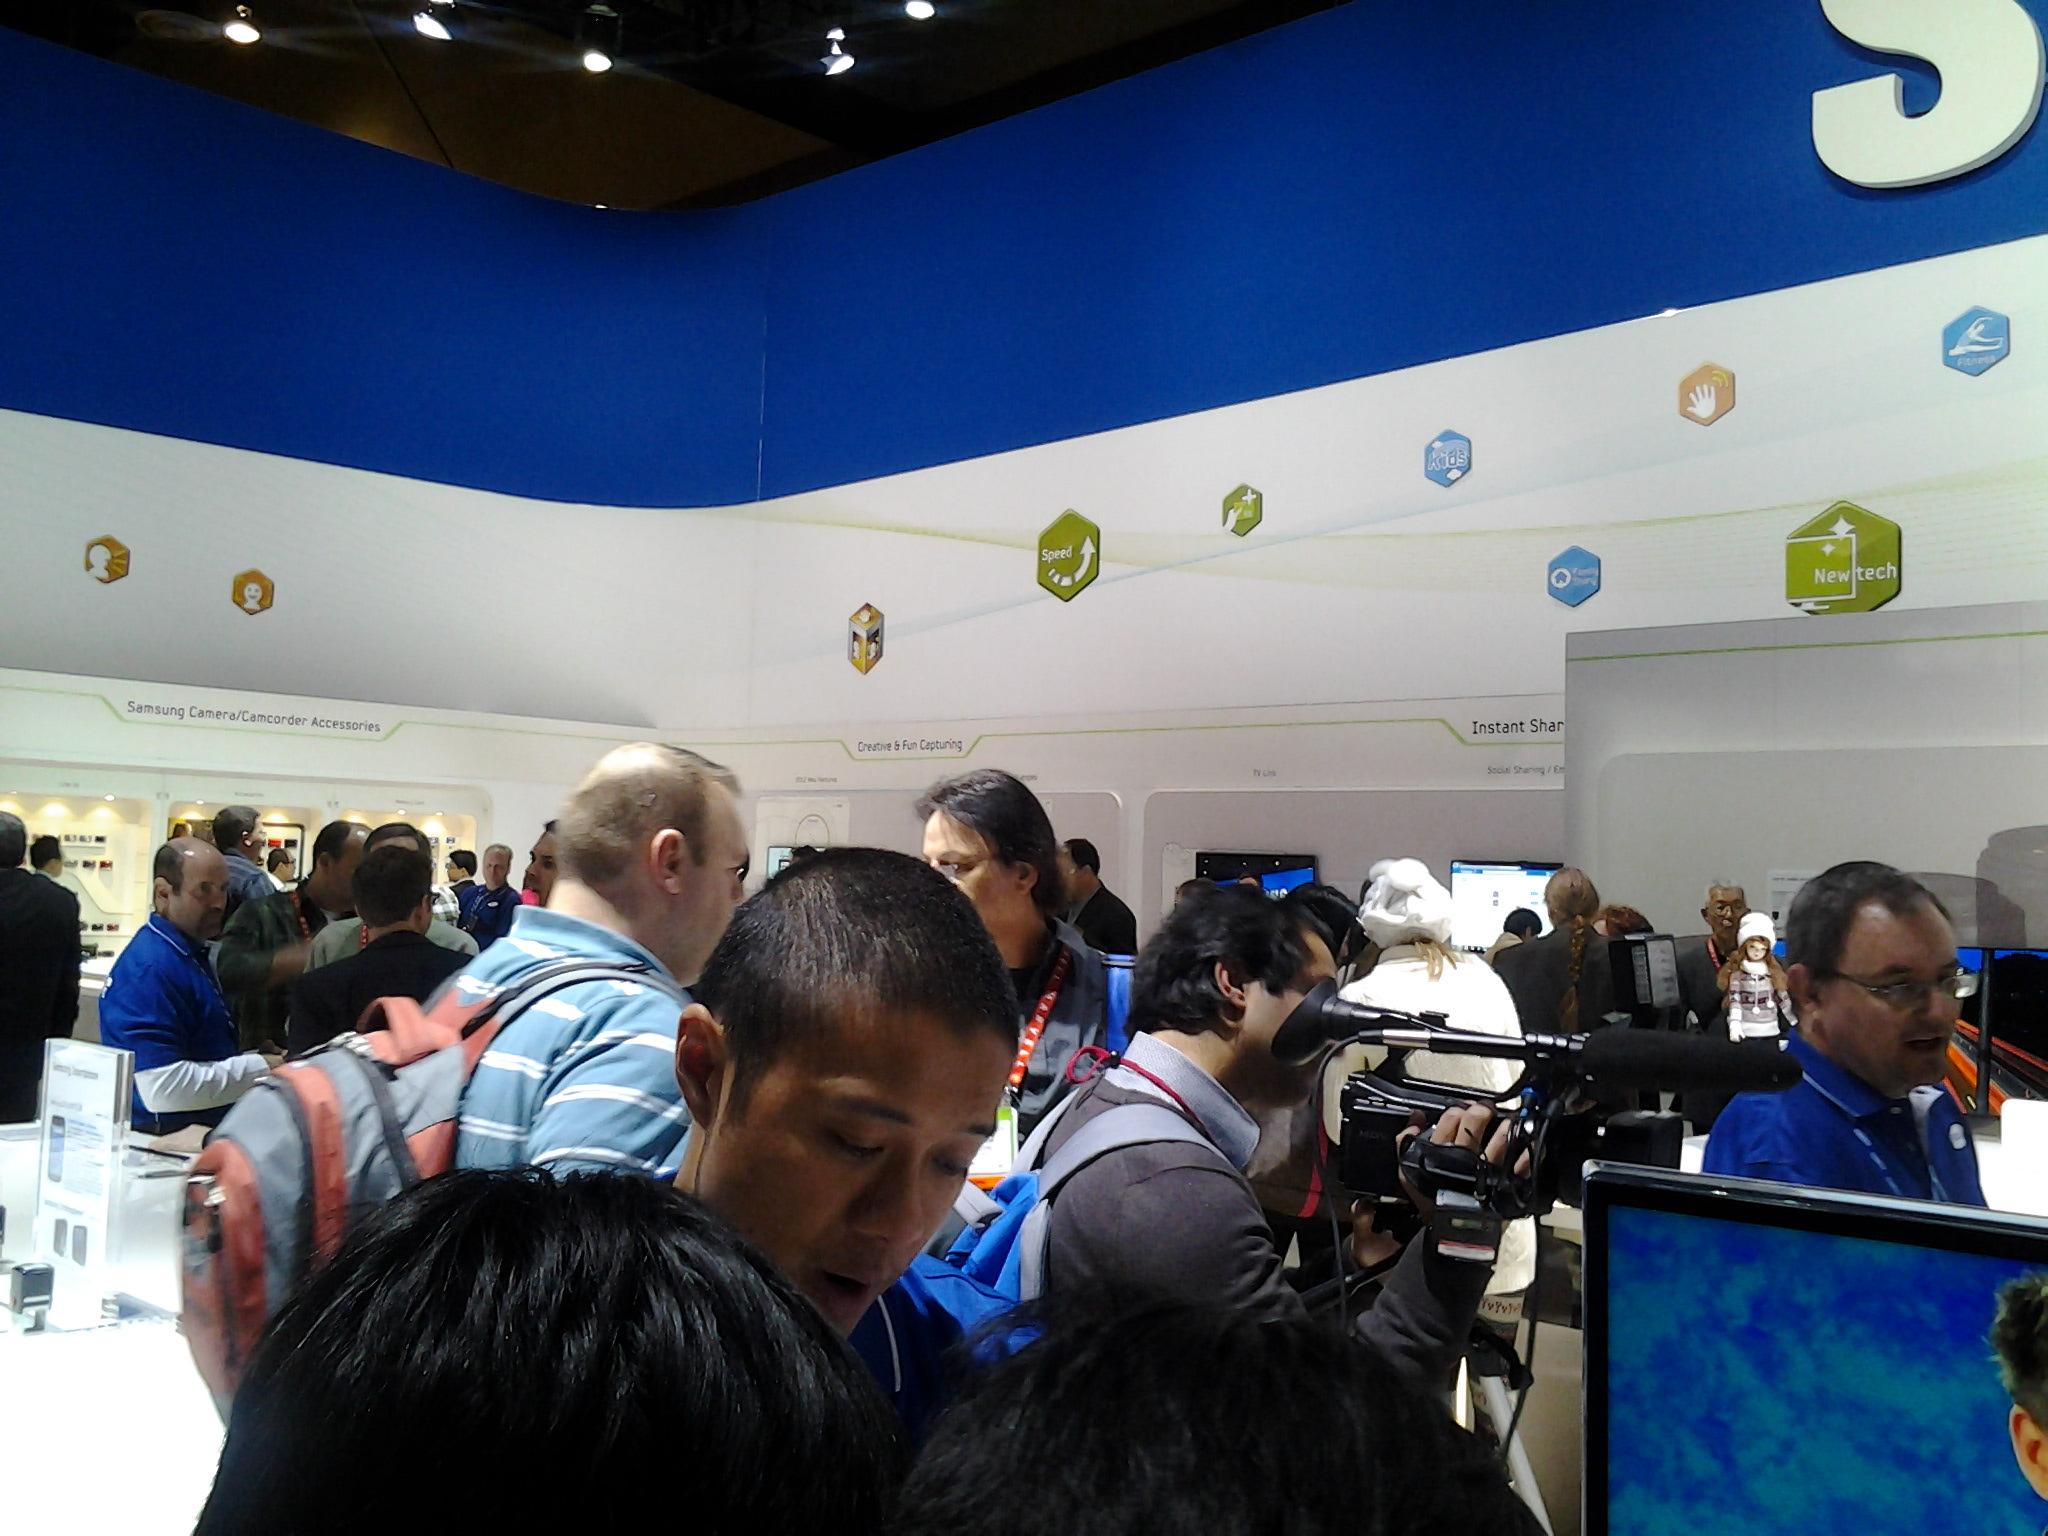 갤럭시탭 7.7, 갤럭시탭7.7, 갤럭시탭 7.7 LTE, Samsung, 삼성, 갤럭시, 갤럭시 탭, Galaxy Tab, Galaxy Tab 7.7, CES2012, CES 2012, IT, 제품, 리뷰, 사용기, 후기, 라스베거스, Las Vegas, 미국, 어메리칸, 아메리칸, 7.7인치, 7.7형, 1280x800, 1.4Ghz, 듀얼코어, 3메가픽셀, 1080p,갤럭시탭 7.7 사용을 미리 해 보고 스펙정보도 살펴 보았습니다. CES2012에 참석해서 은근 관심이 많았던 제품이기도 한데요. 근데 해외에는 갤럭시탭 보다 갤럭시 노트가 좀 더 관심이 많은 듯 했습니다. 노트가 양이 더 많았거든요. 물론 그렇다고 갤럭시탭 7.7도 그렇게 쉽게 줄서서 만져볼 수 는 없었는데요. 기회를 봐서 자리를 차지하고 여러가지 테스트를 해보고 궁금증을 풀어 보았습니다. 갤럭시탭은 여러 사이즈가 나와있긴 한데요. 7인치가 처음에 나오고 그다음은 10.1인치 , 8.9인치등의 사이즈가 나와서 여러 사용자의 기호를 맞추었고 이제는 AMOLED를 사용한 갤럭시탭 7.7이 준비중입니다. 좀 더 큰 사이즈의 탭을 쓰면 좋긴 하겠지만 휴대성이 조금 떨어지는 부분은 분명 있지요. 이런 문제를 해결하기 위한것이 이 제품인데요. 저 역시 손이 큰 편은 아니지만 한손에 딱 잡히더군요. 후면 디자인도 금속으로 잘 나온듯 하구요. 그렇다고 무게도 그렇게 무겁지도 않았습니다.  페이지를 넘길 때 반응속도도 괜찮은 편이었고, AMOLED plus 여서 색 발색이 좋더군요. 작은 화면이지만 해상도가 높아서 괜찮았구요. 다만 웹페이지를 풀사이즈로 띄웠을 때는 약간 글시체가 거칠긴 했습니다. 사용 모습등은 동영상을 참고하세요.